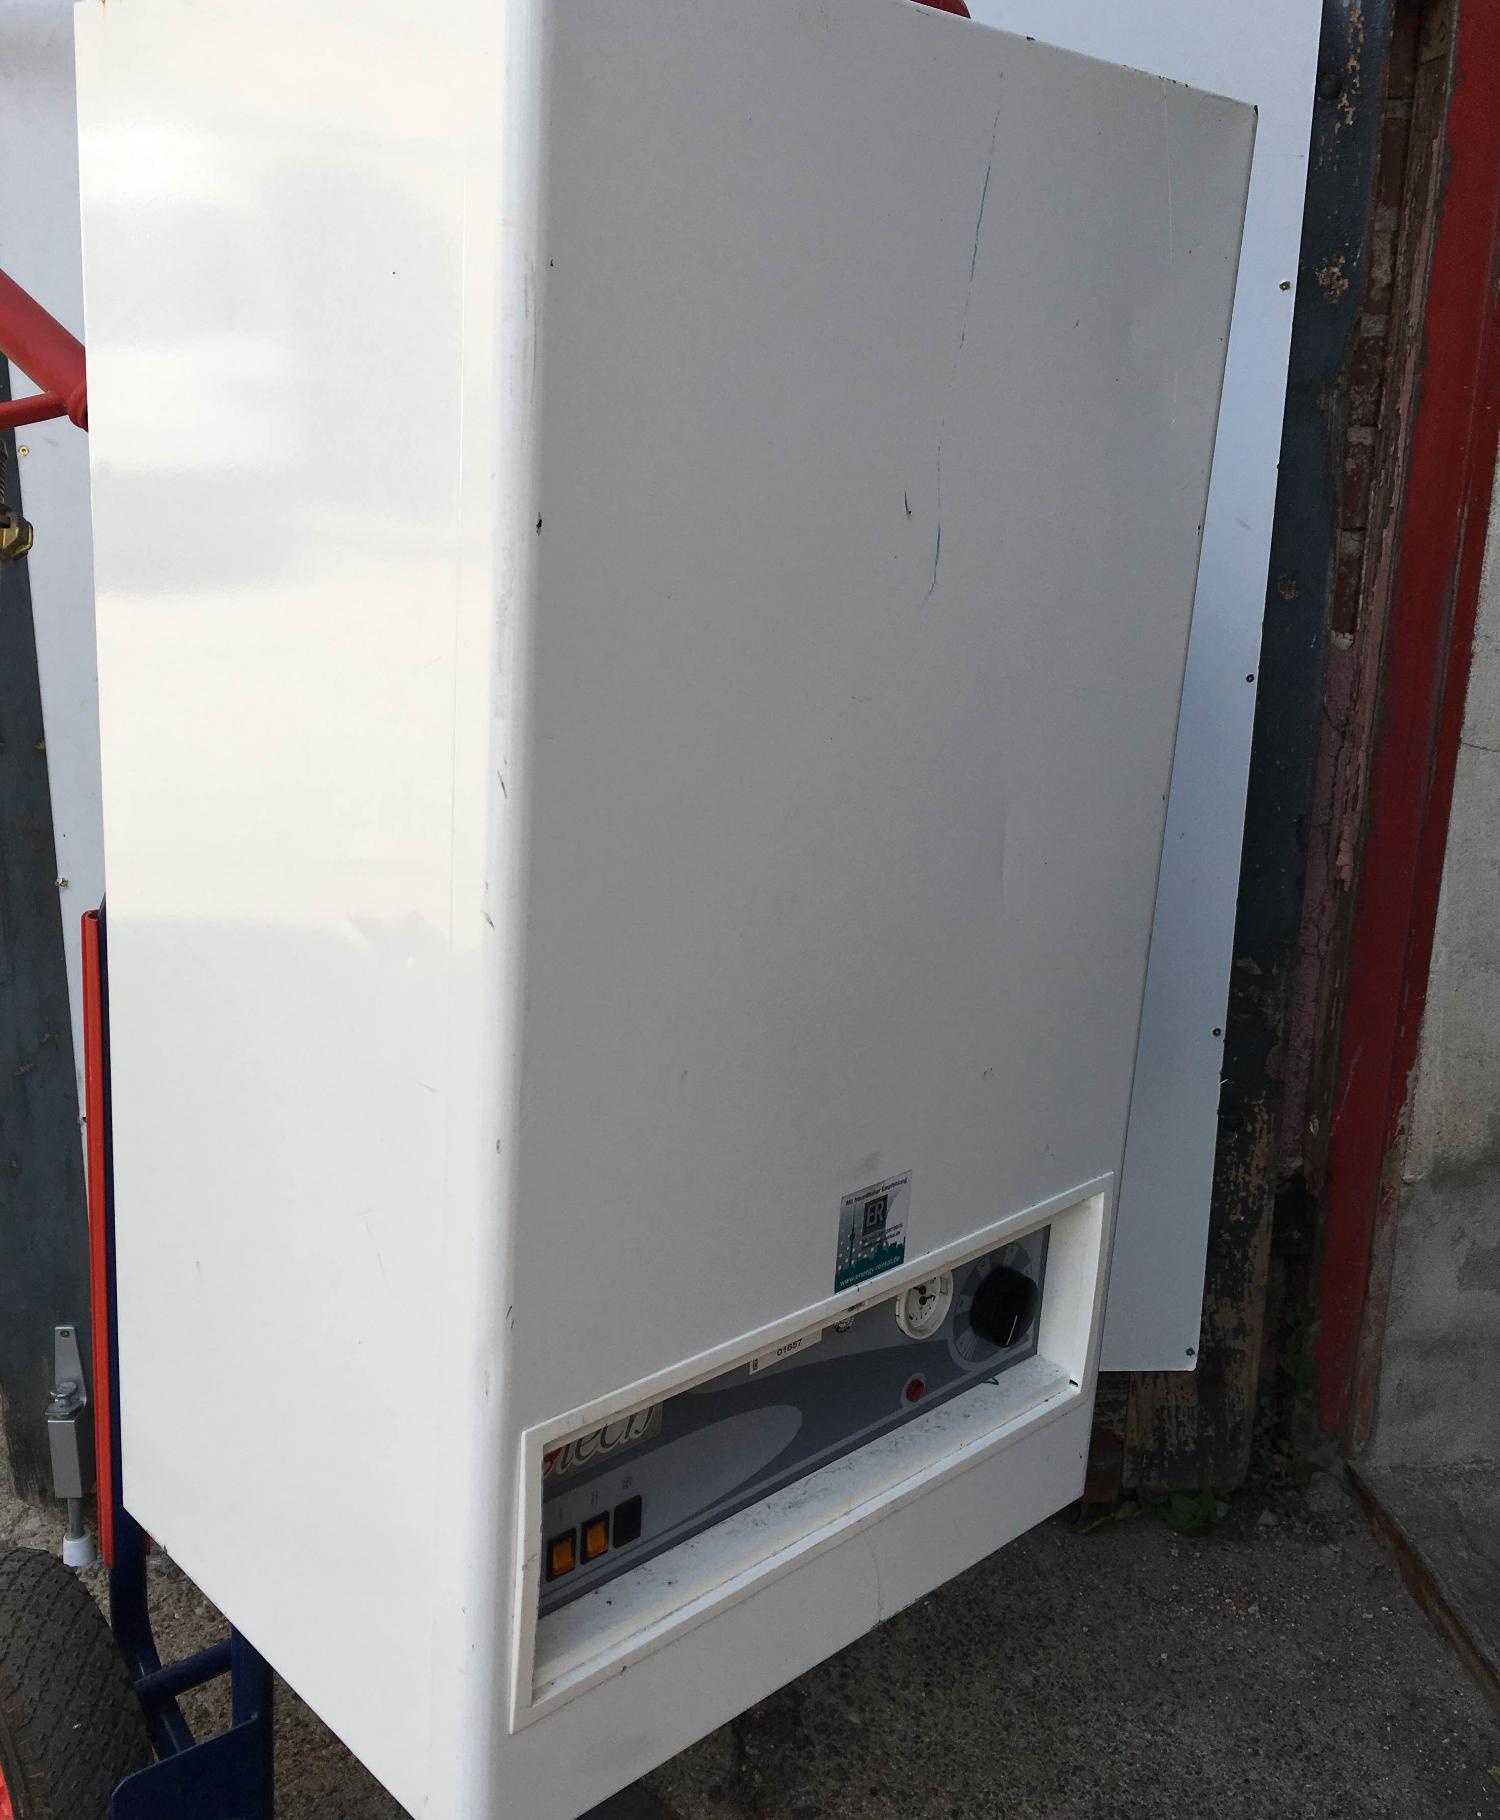 Elektro-Warmwasserheizung EWH-22